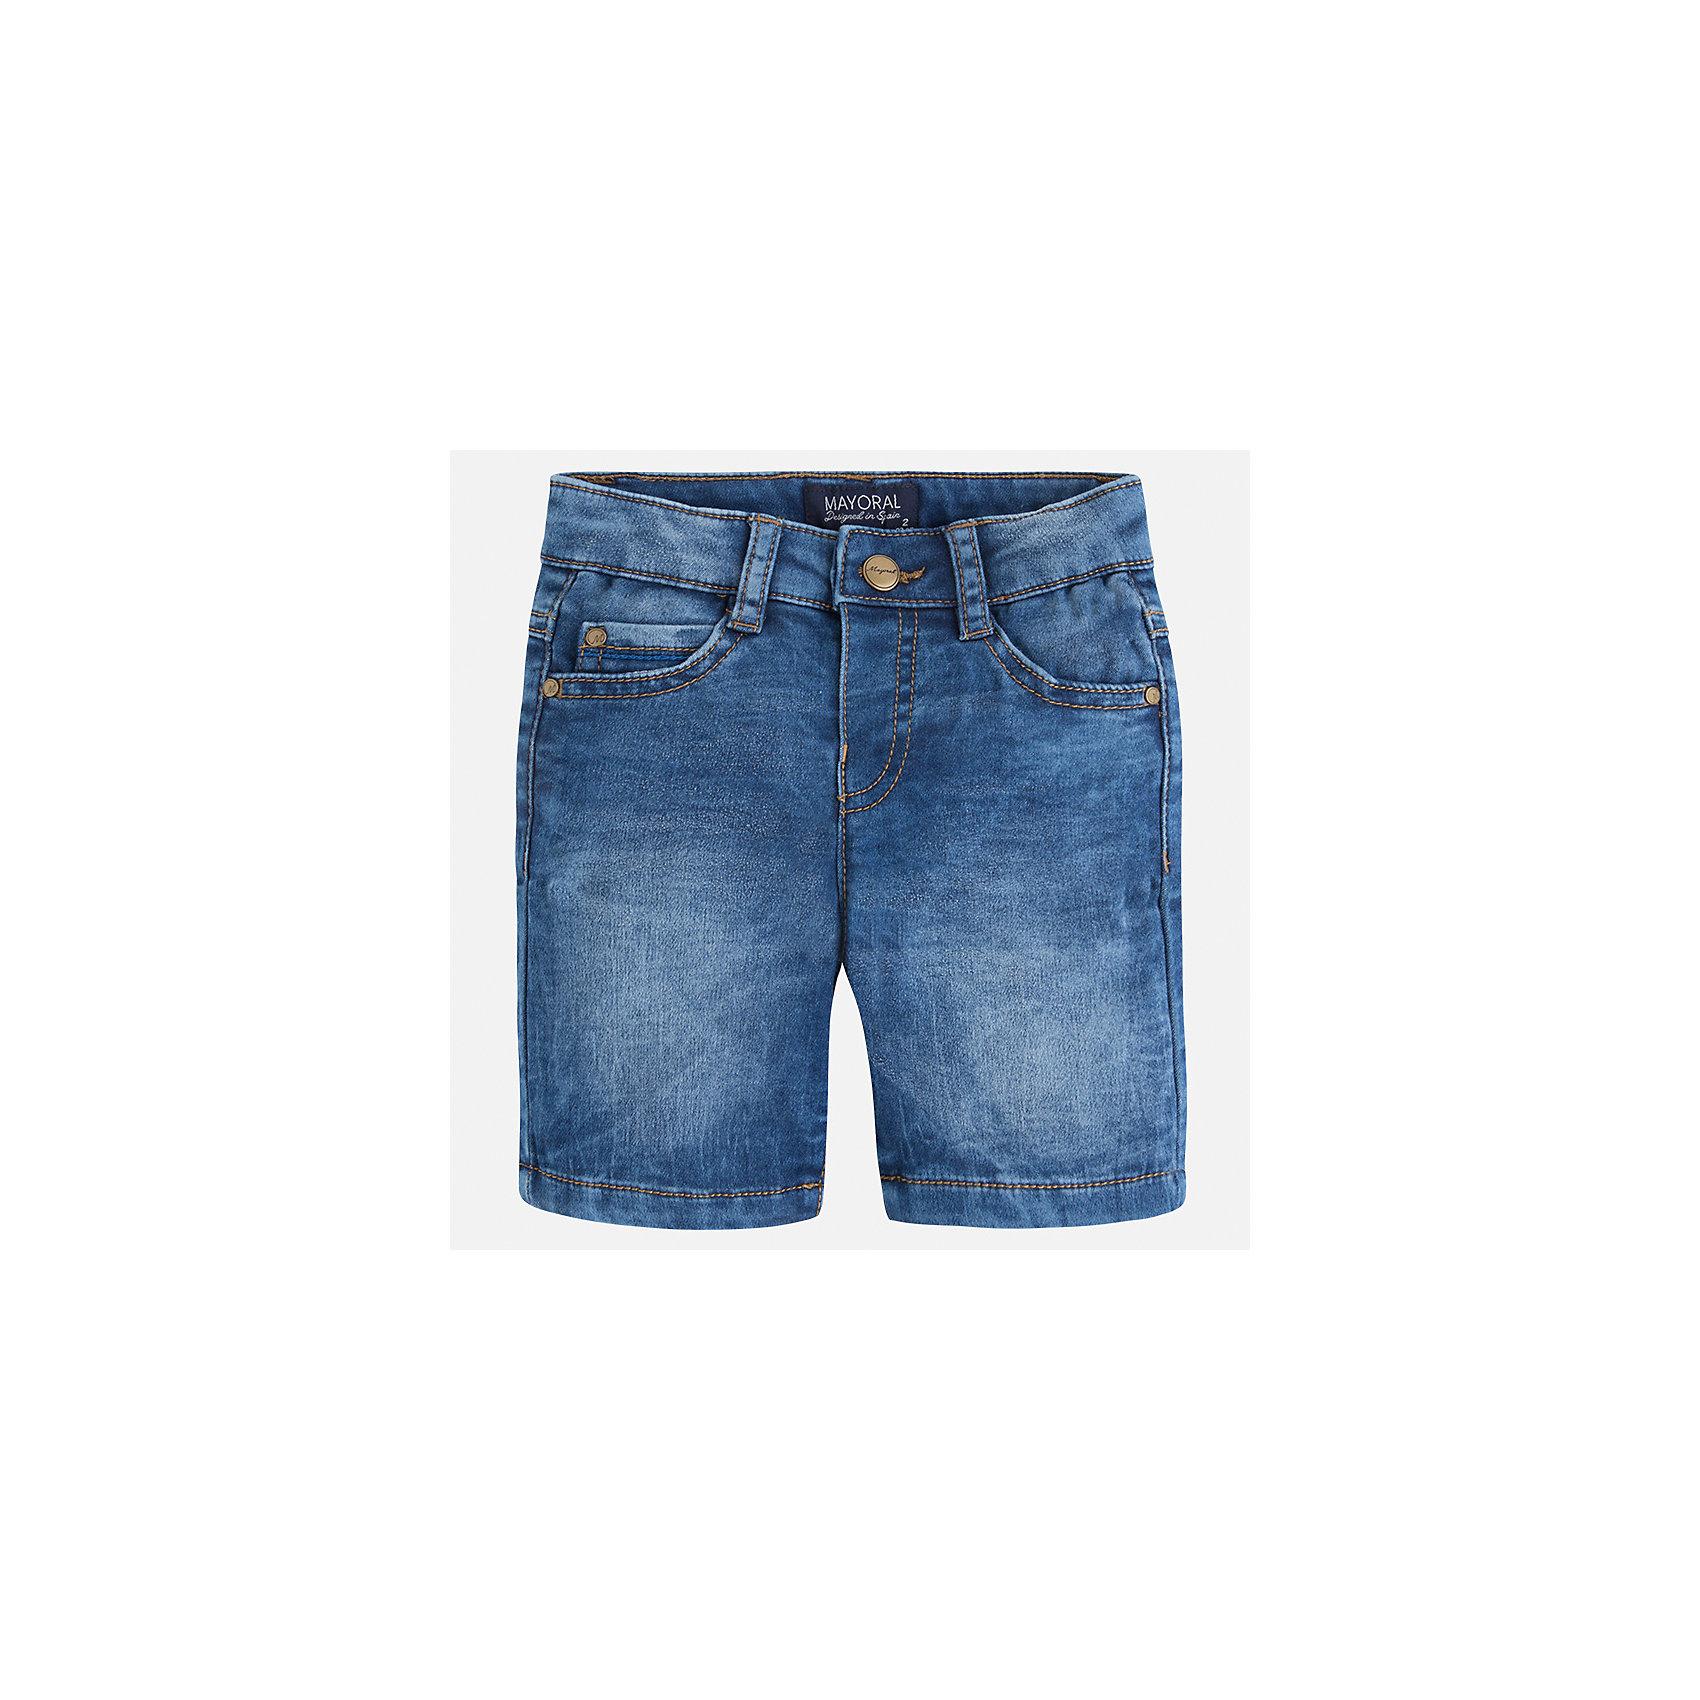 Бриджи джинсовые для мальчика MayoralХарактеристики товара:<br><br>• цвет: джинс<br>• состав: текстиль<br>• шлевки<br>• карманы<br>• пояс с регулировкой объема<br>• имитация потертости<br>• страна бренда: Испания<br><br>Модные бриджи для мальчика смогут стать базовой вещью в гардеробе ребенка. Они отлично сочетаются с майками, футболками, рубашками и т.д. Универсальный крой и цвет позволяет подобрать к вещи верх разных расцветок. Практичное и стильное изделие! В составе материала - натуральный хлопок, гипоаллергенный, приятный на ощупь, дышащий.<br><br>Одежда, обувь и аксессуары от испанского бренда Mayoral полюбились детям и взрослым по всему миру. Модели этой марки - стильные и удобные. Для их производства используются только безопасные, качественные материалы и фурнитура. Порадуйте ребенка модными и красивыми вещами от Mayoral! <br><br>Бриджи для мальчика от испанского бренда Mayoral (Майорал) можно купить в нашем интернет-магазине.<br><br>Ширина мм: 191<br>Глубина мм: 10<br>Высота мм: 175<br>Вес г: 273<br>Цвет: синий<br>Возраст от месяцев: 36<br>Возраст до месяцев: 48<br>Пол: Мужской<br>Возраст: Детский<br>Размер: 104,116,122,134,110,98,92,128<br>SKU: 5272558